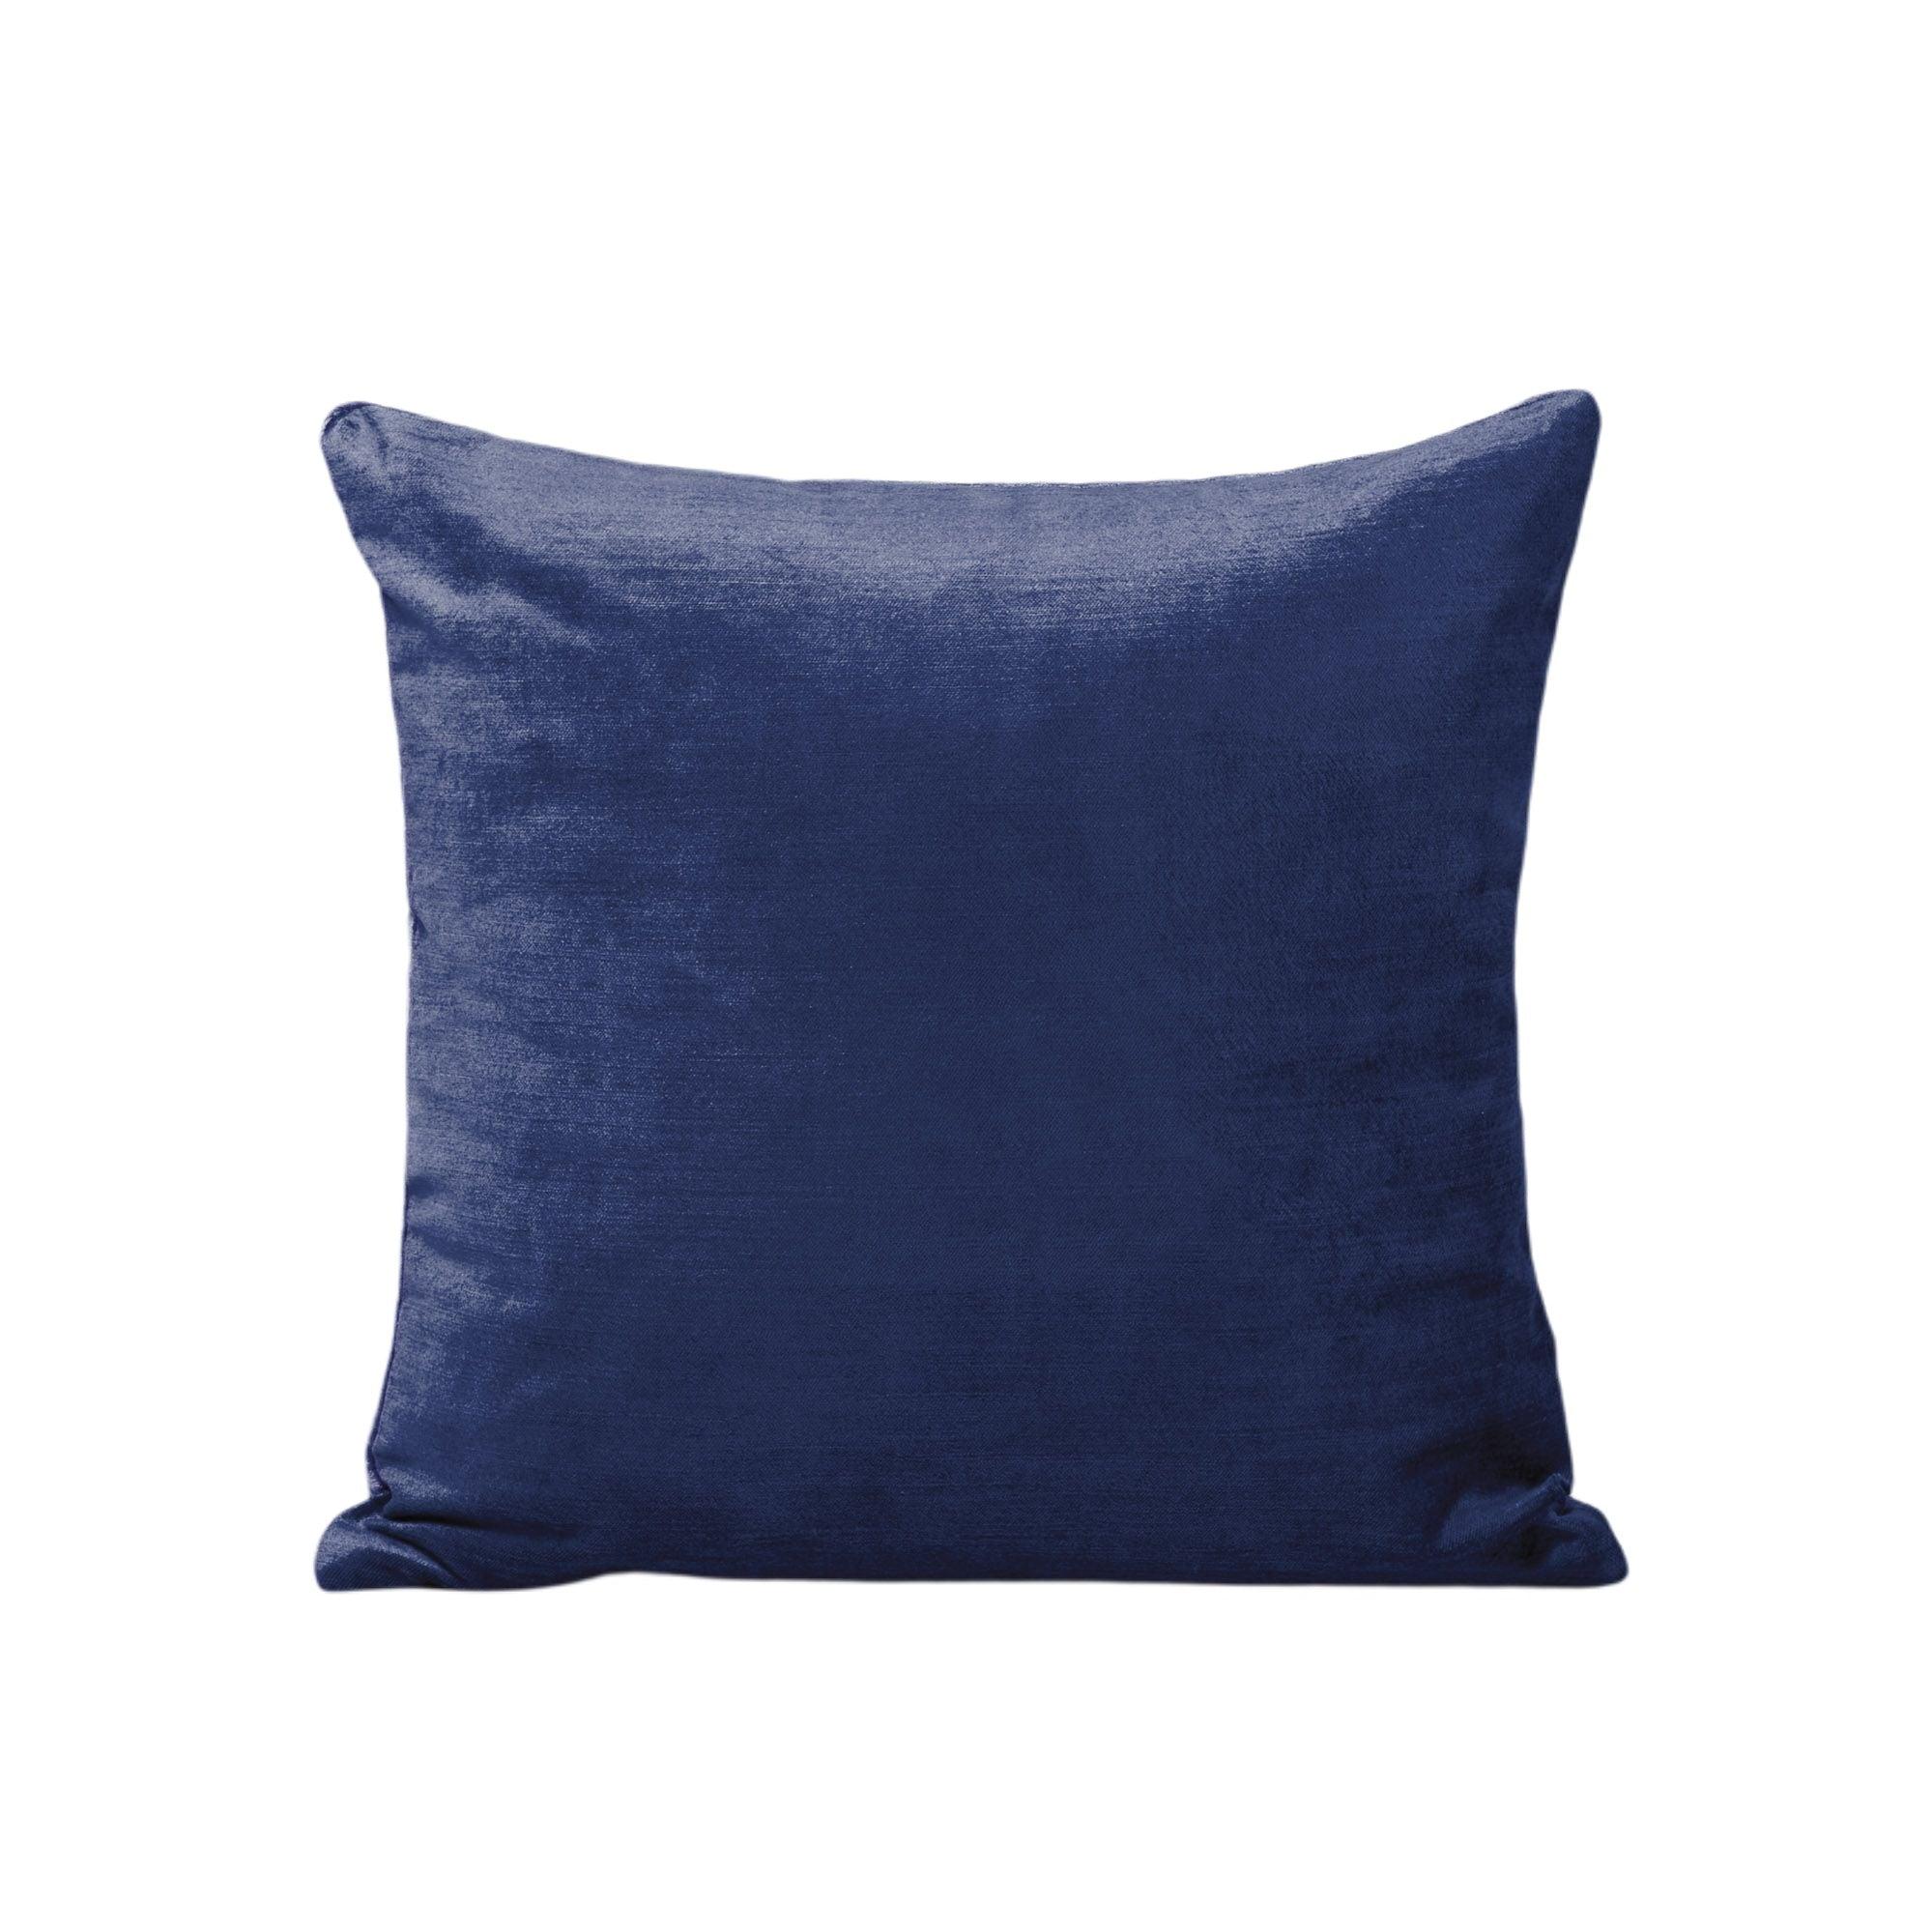 Housse de coussin 50x50 cm Bleu marine